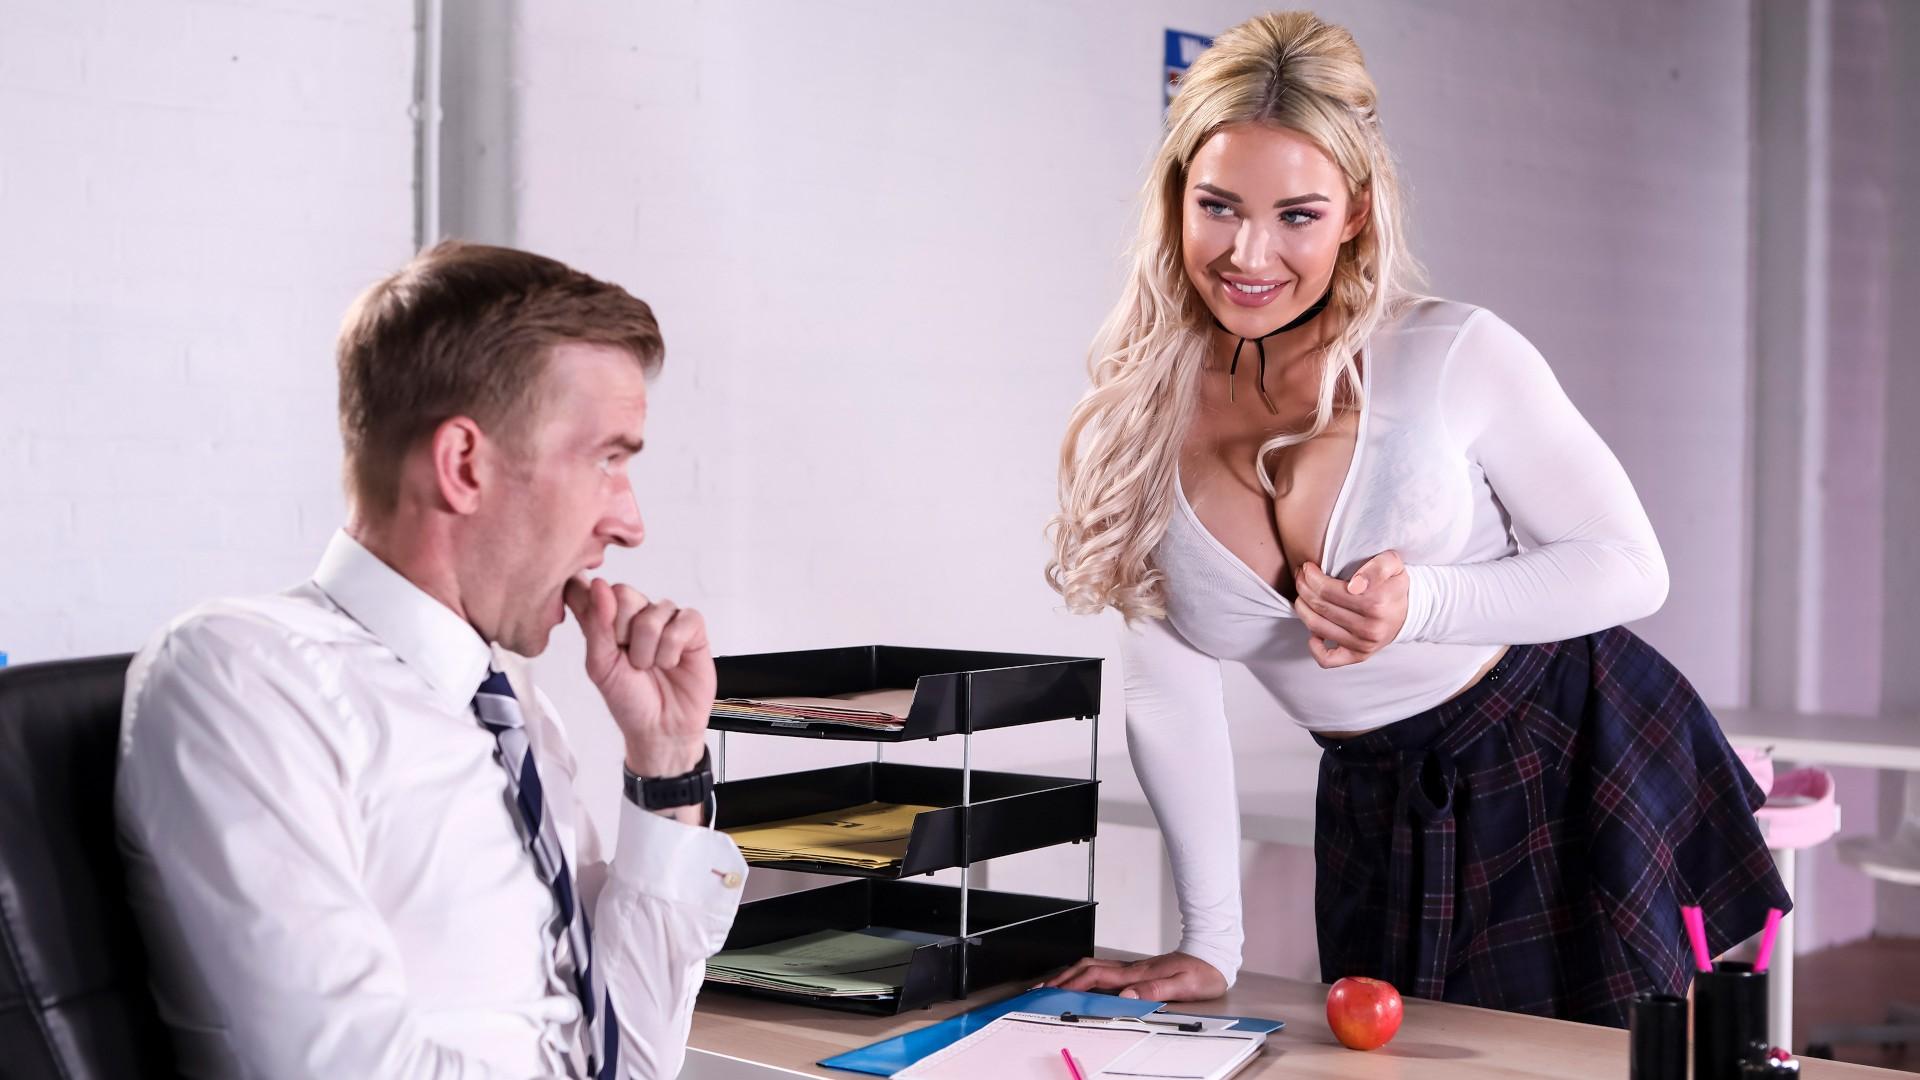 Teacher's Pet - Big Tits At School